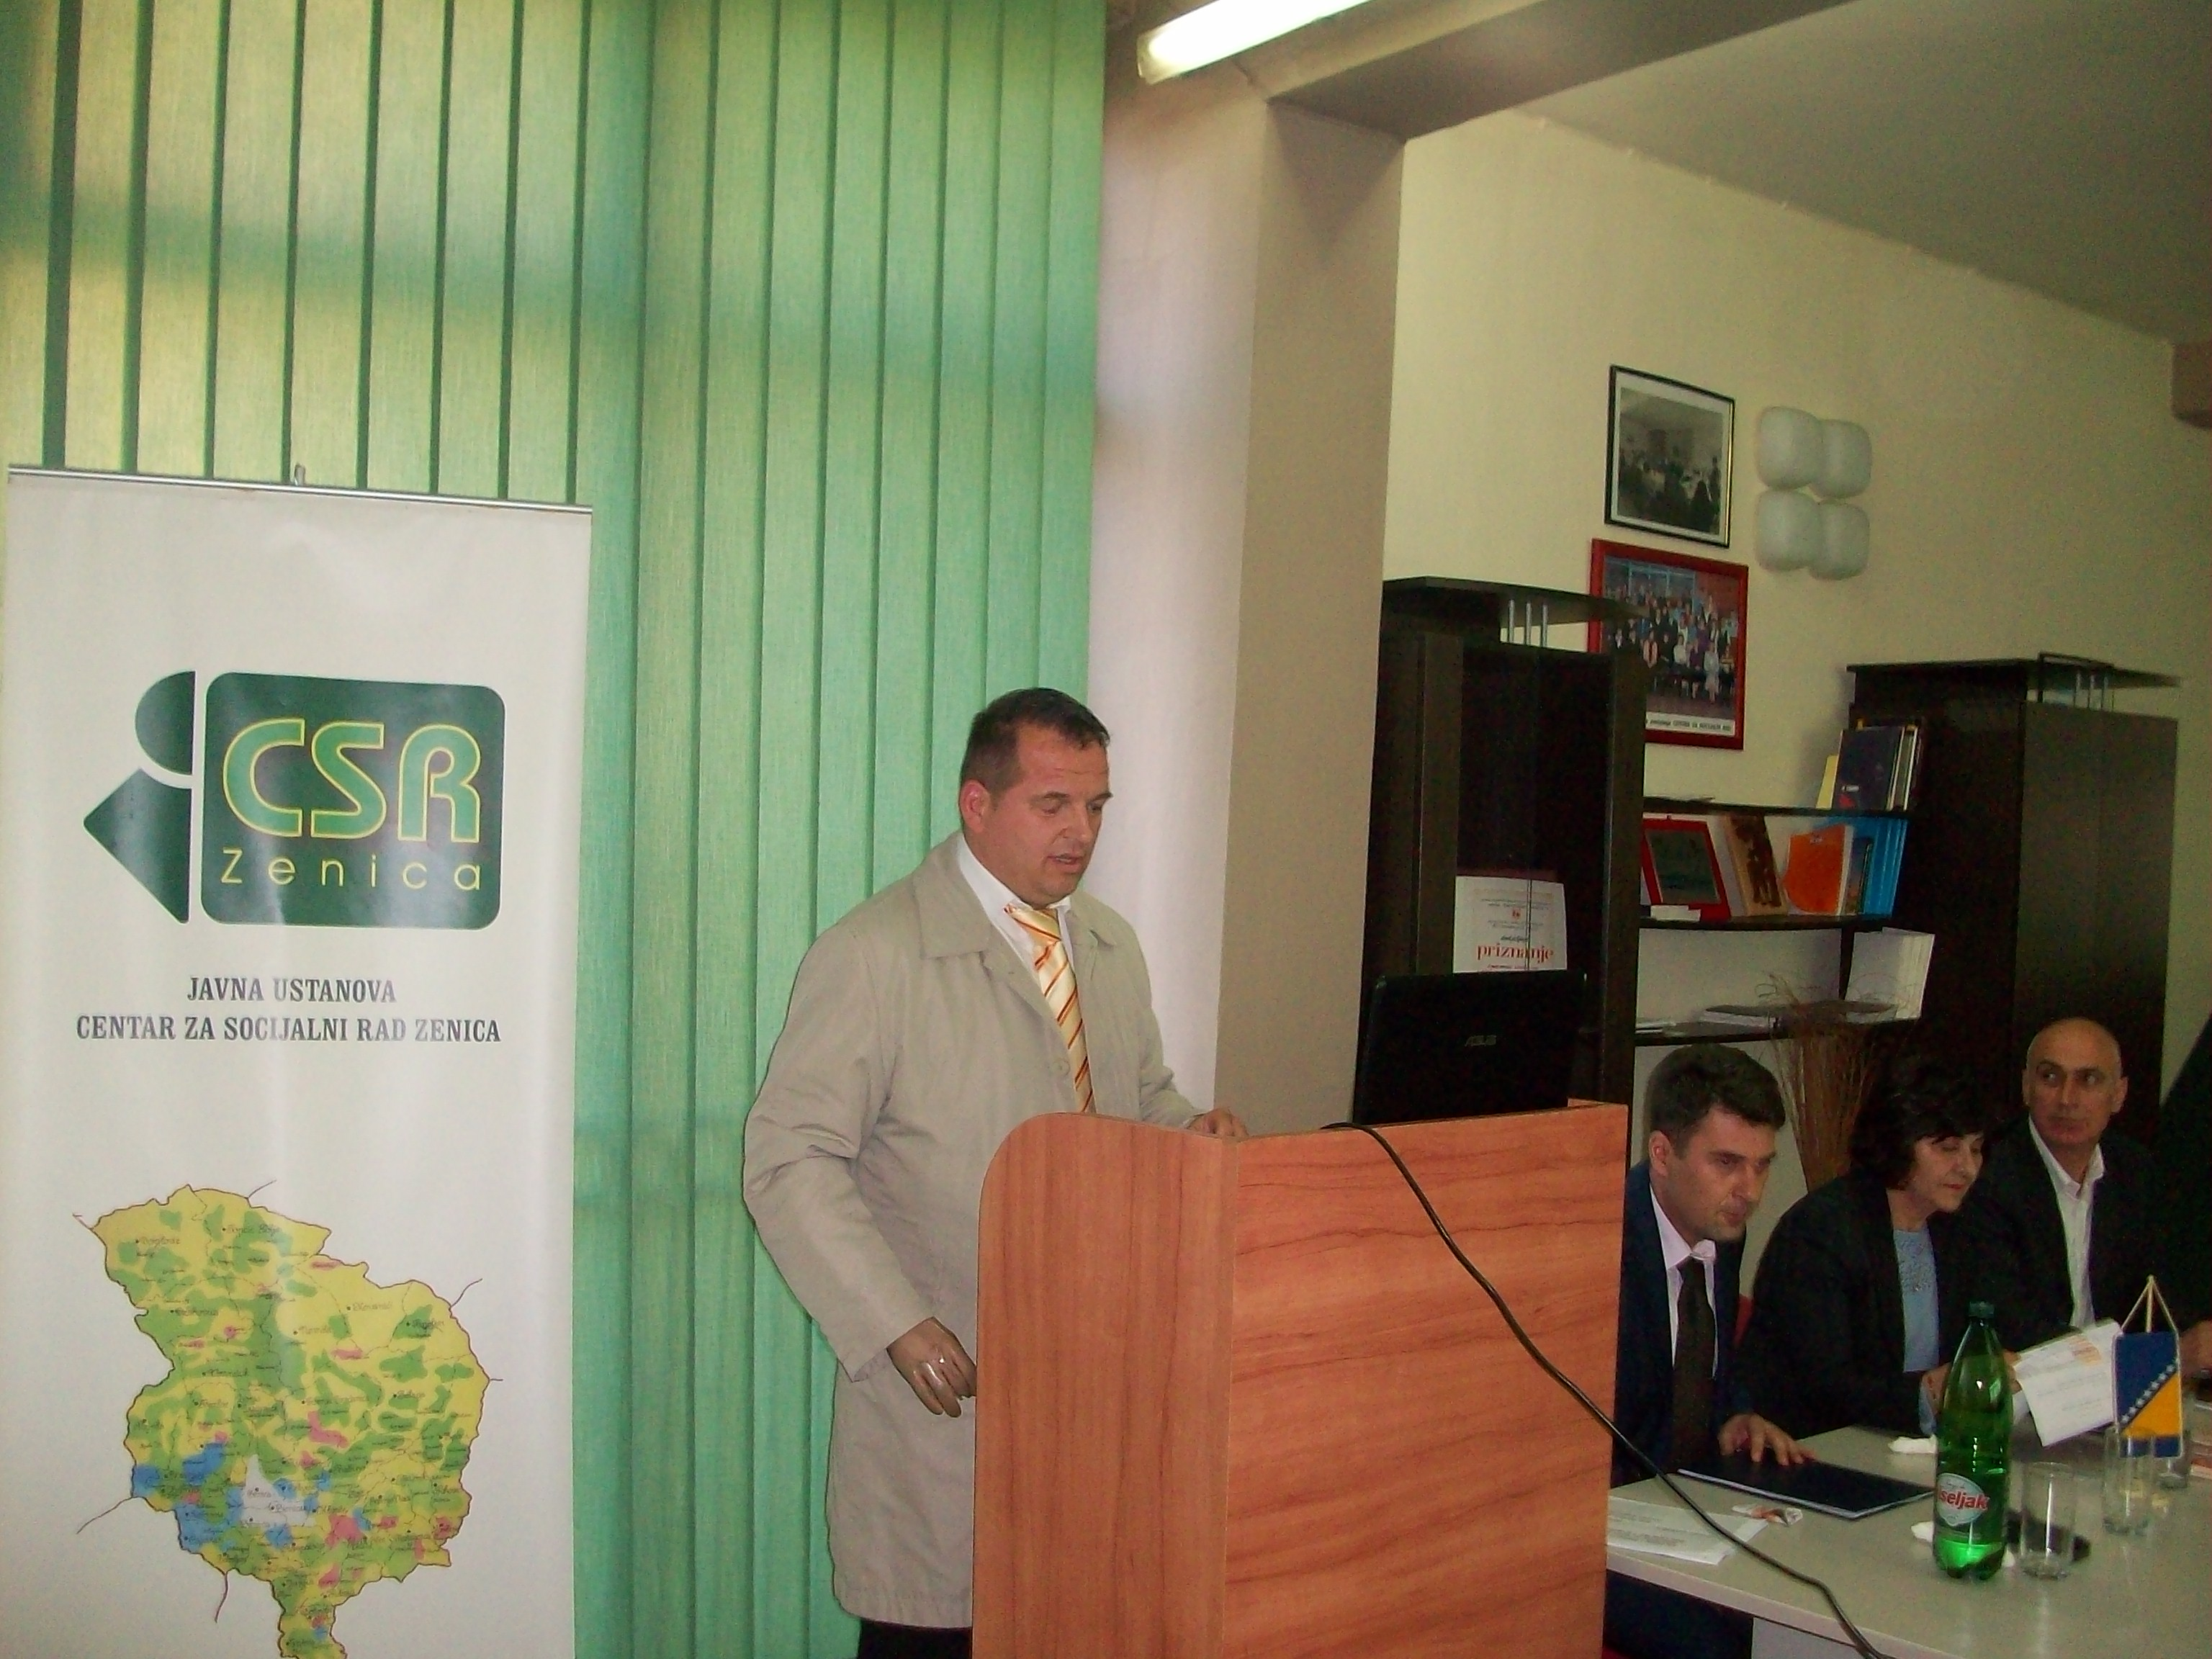 Svjetski dan socijalnog rada svečano obilježen u Zenici